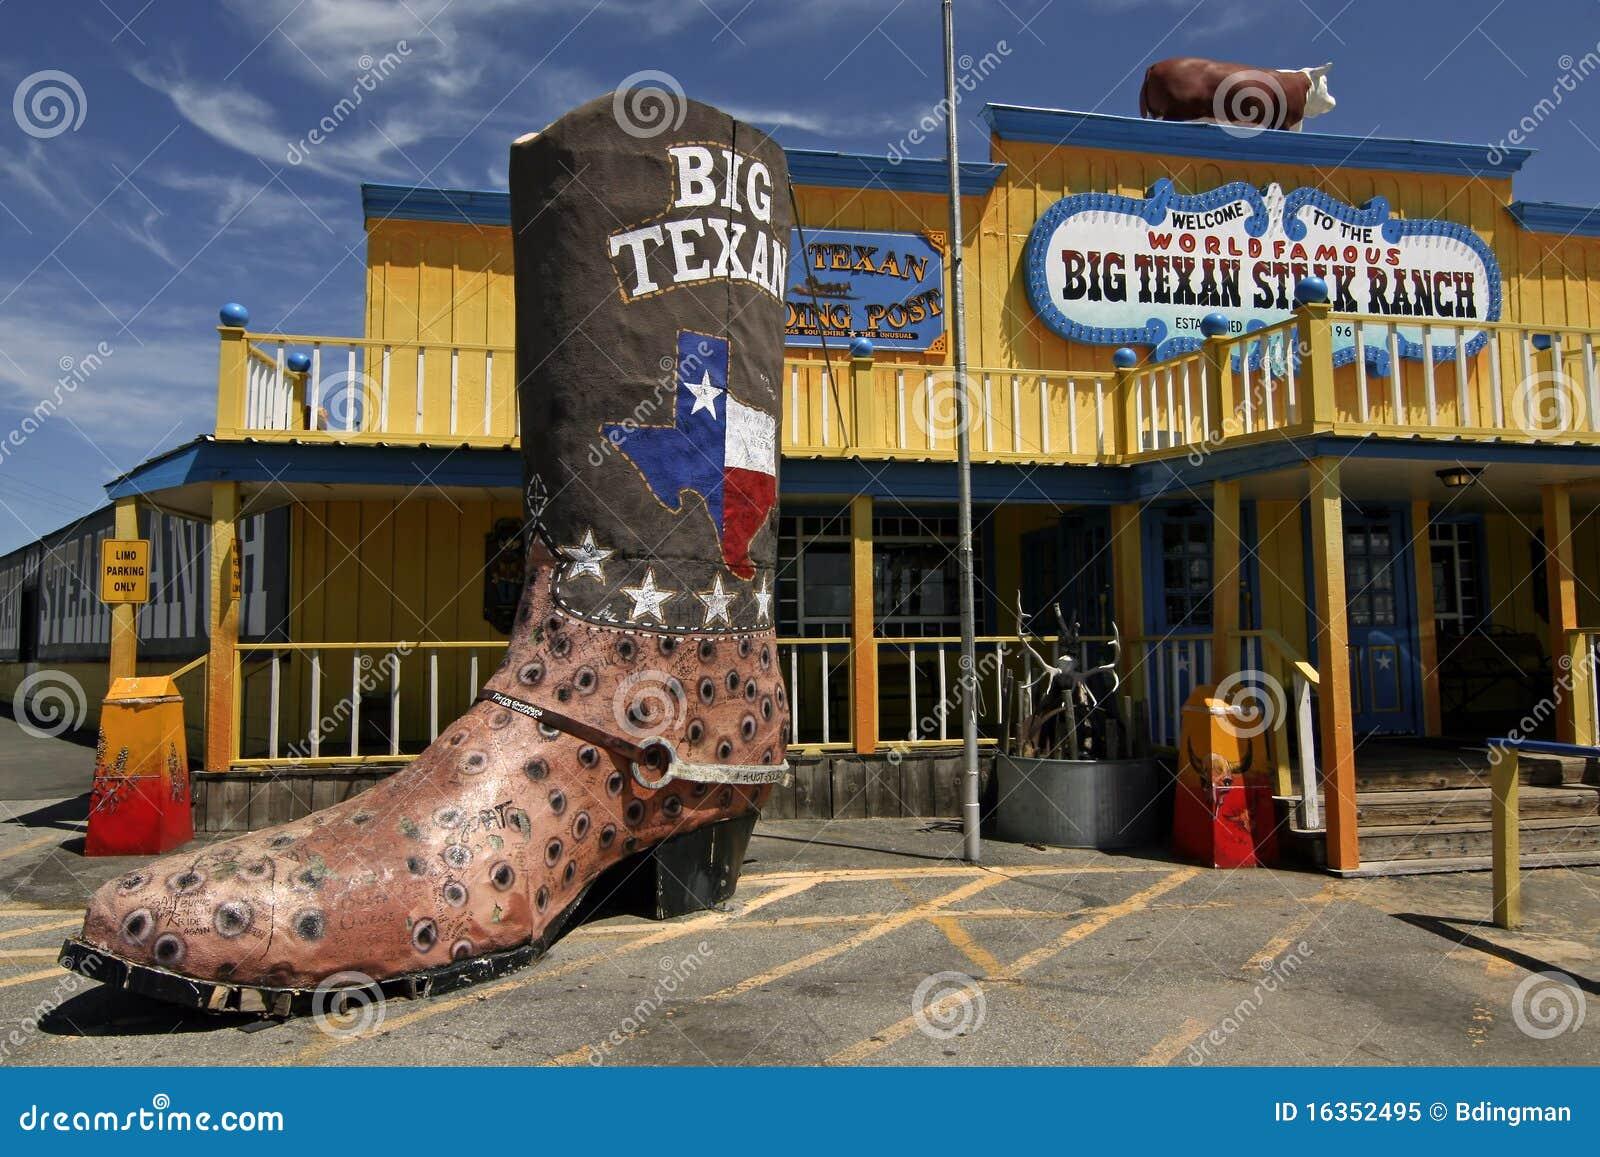 Die große Texan-Steak-Ranch